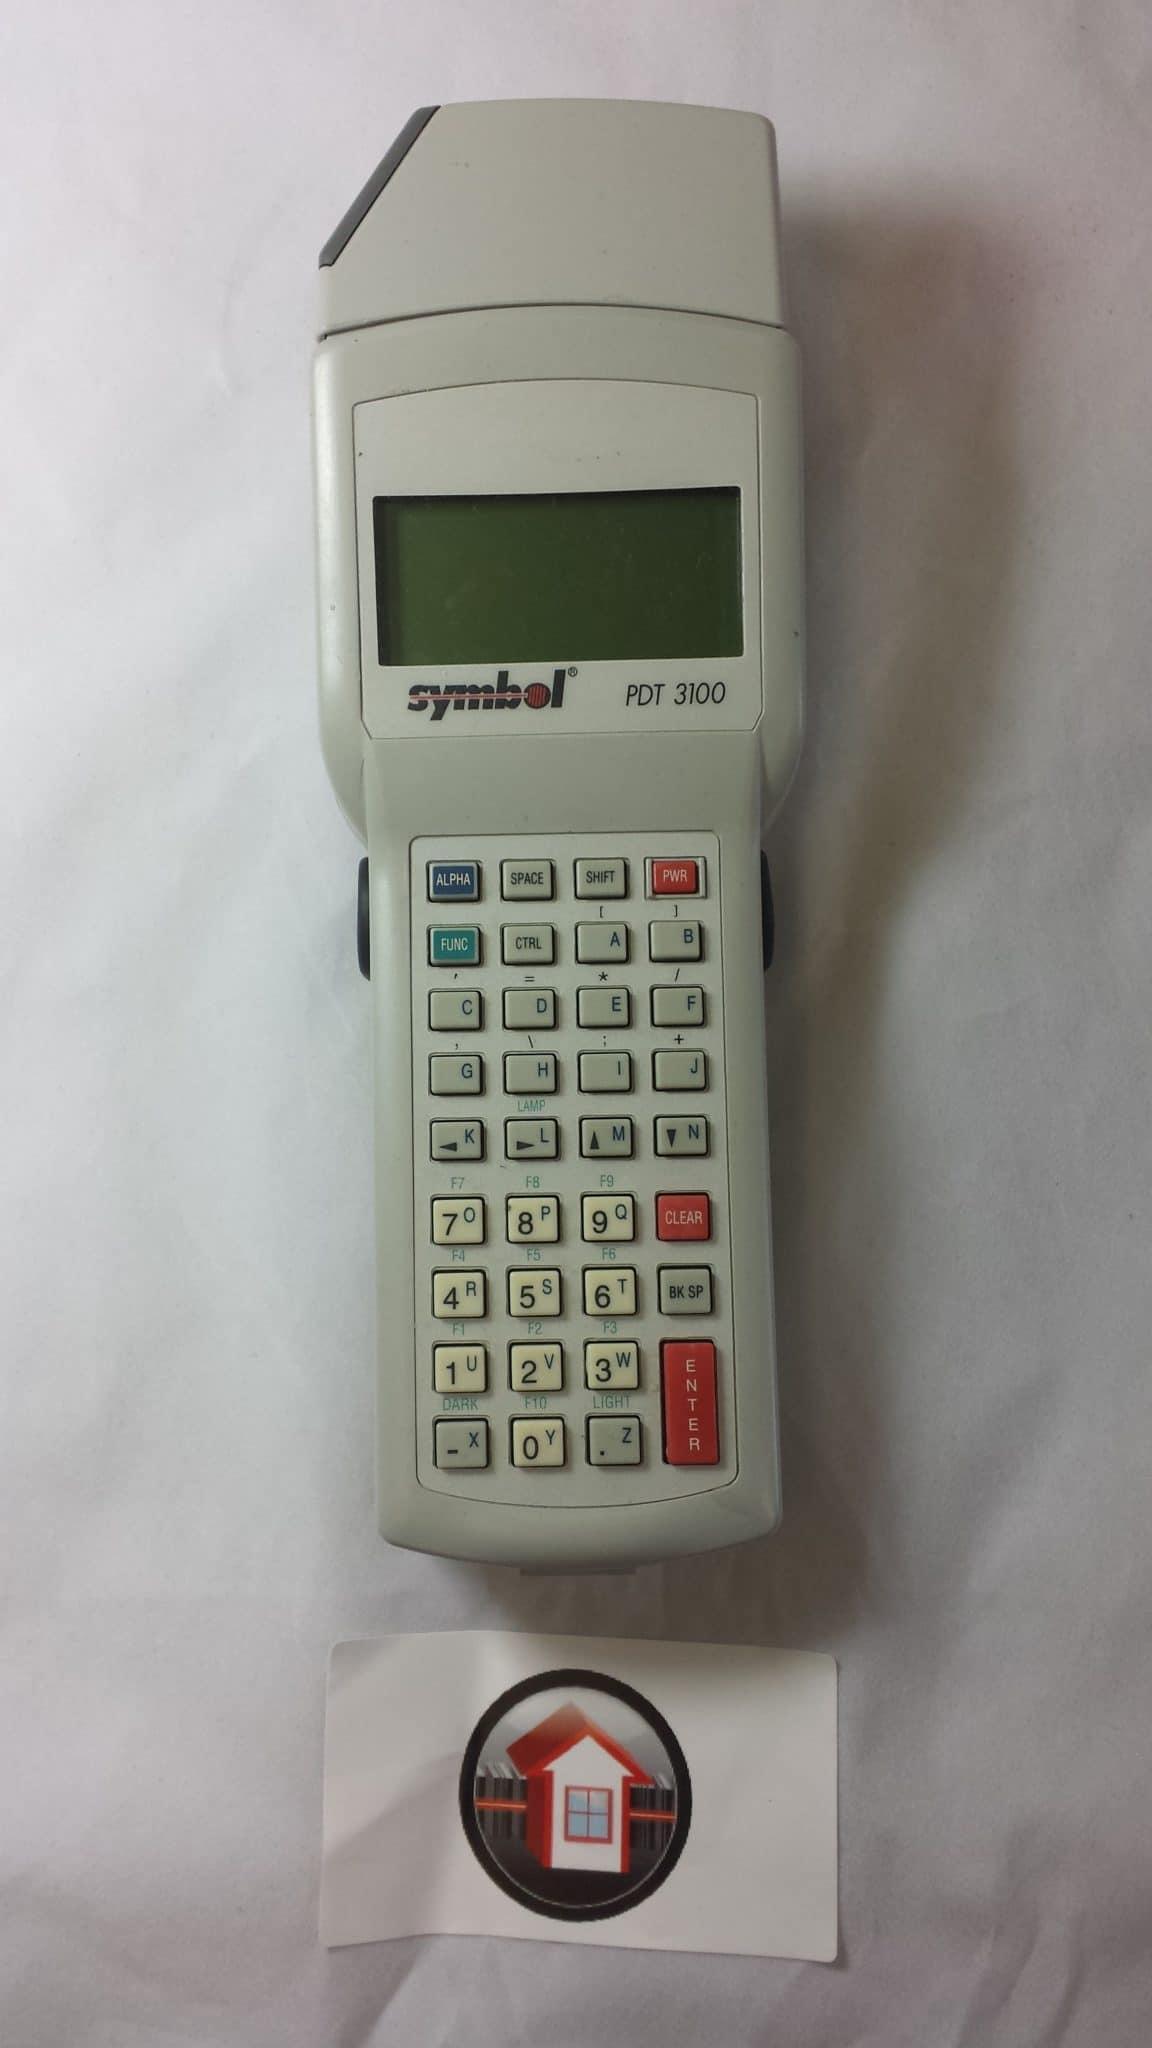 Symbol PDT3100-S0863010 Handheld Computer - Barcode Scanner